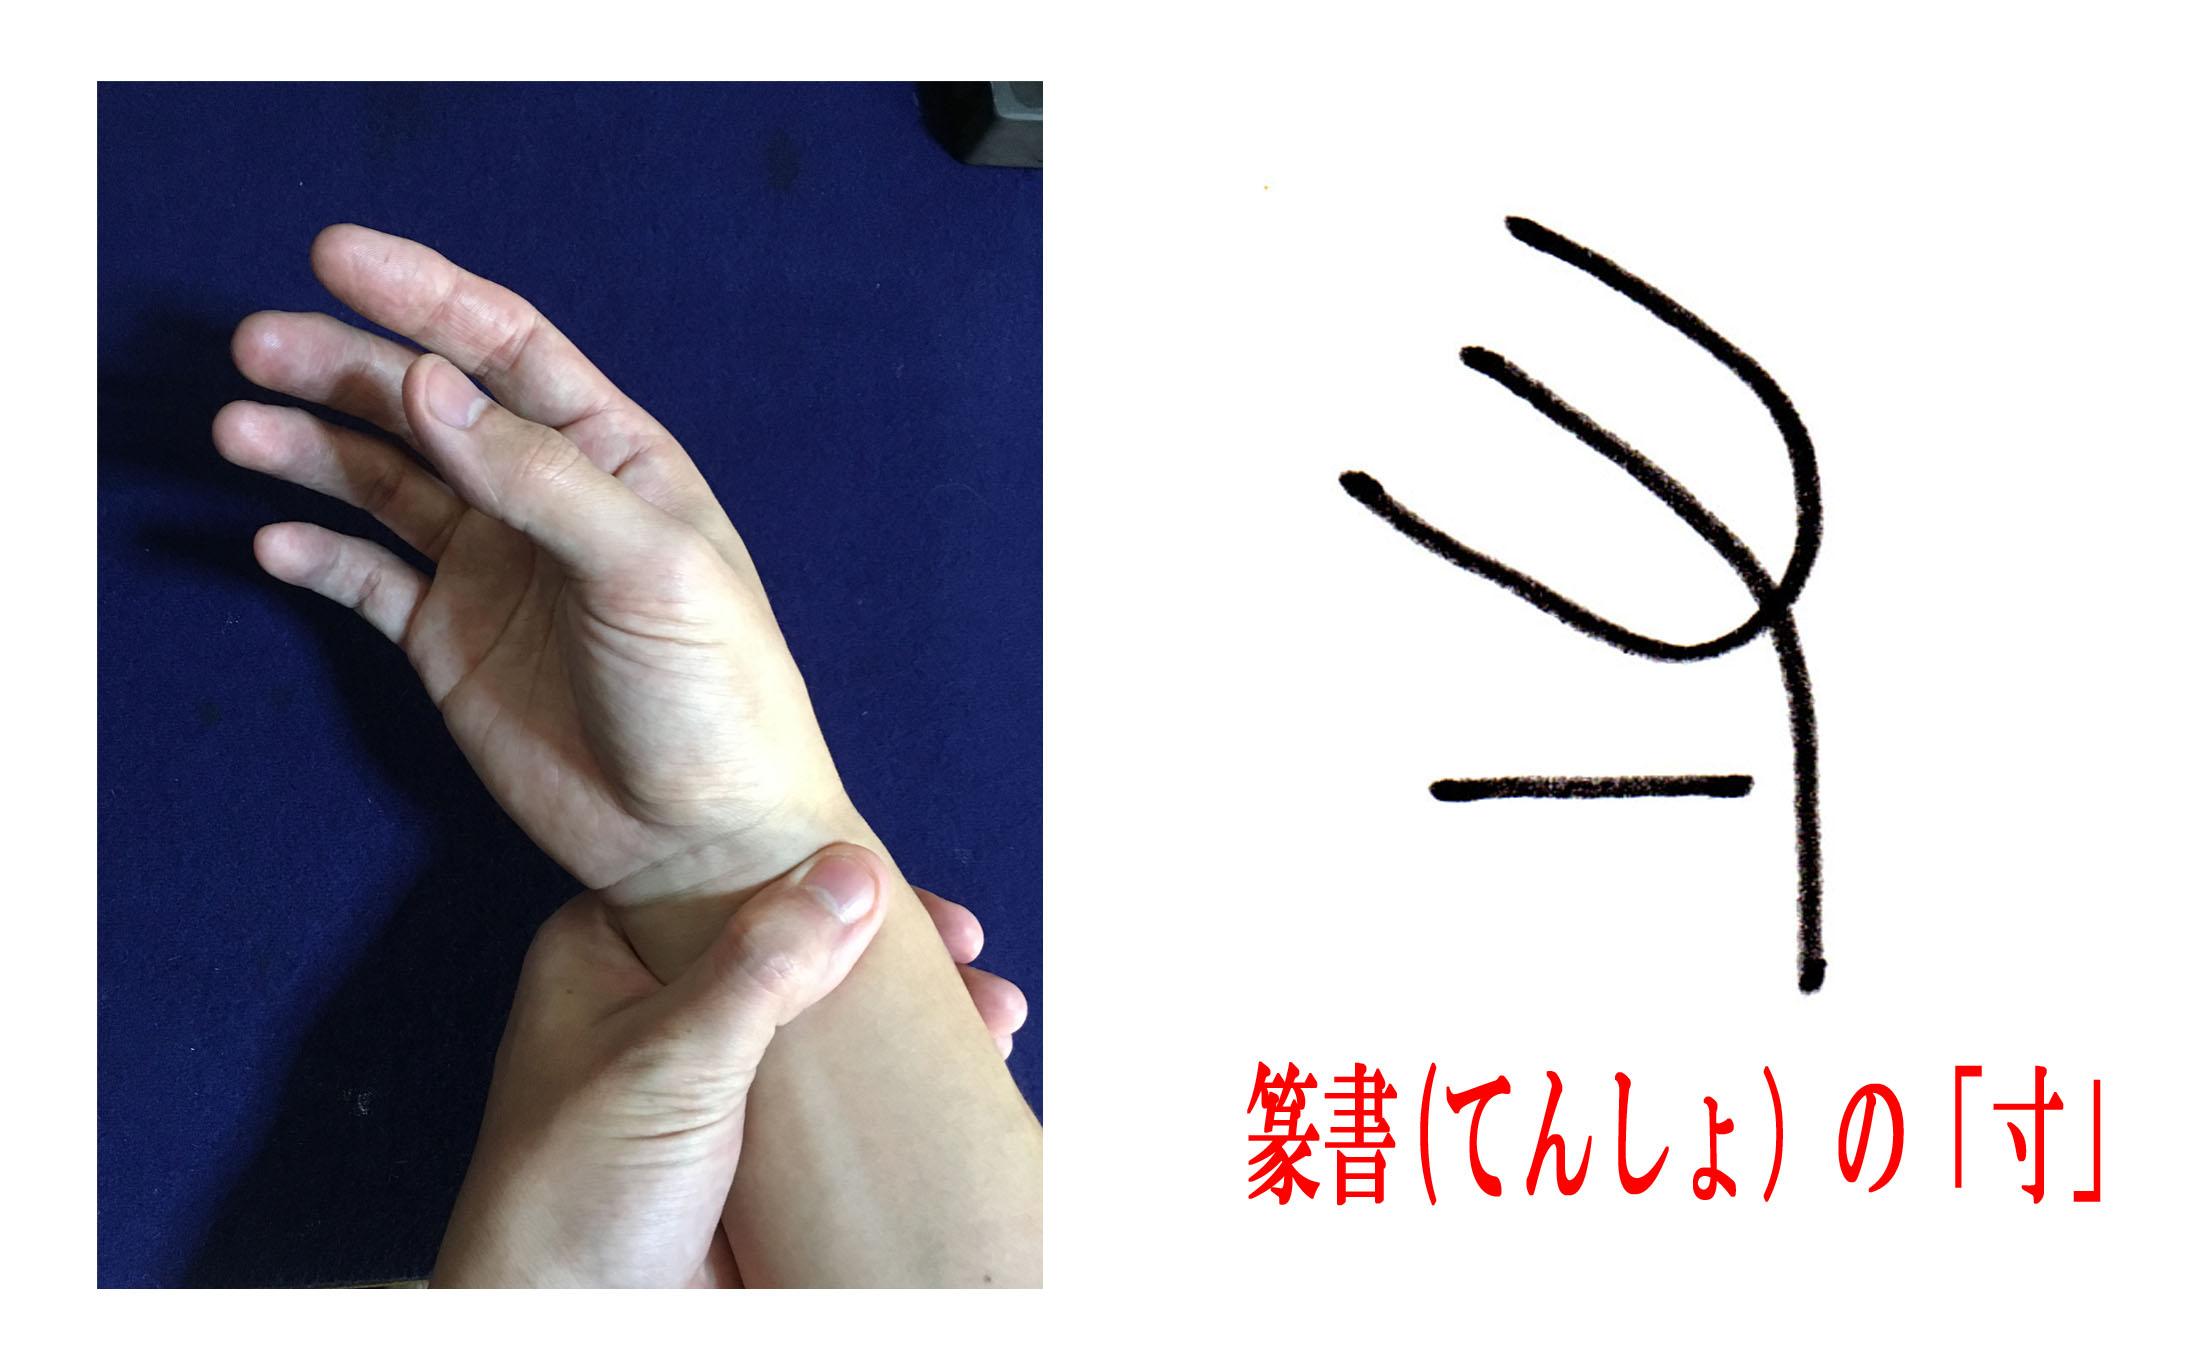 脈をはかる手の形